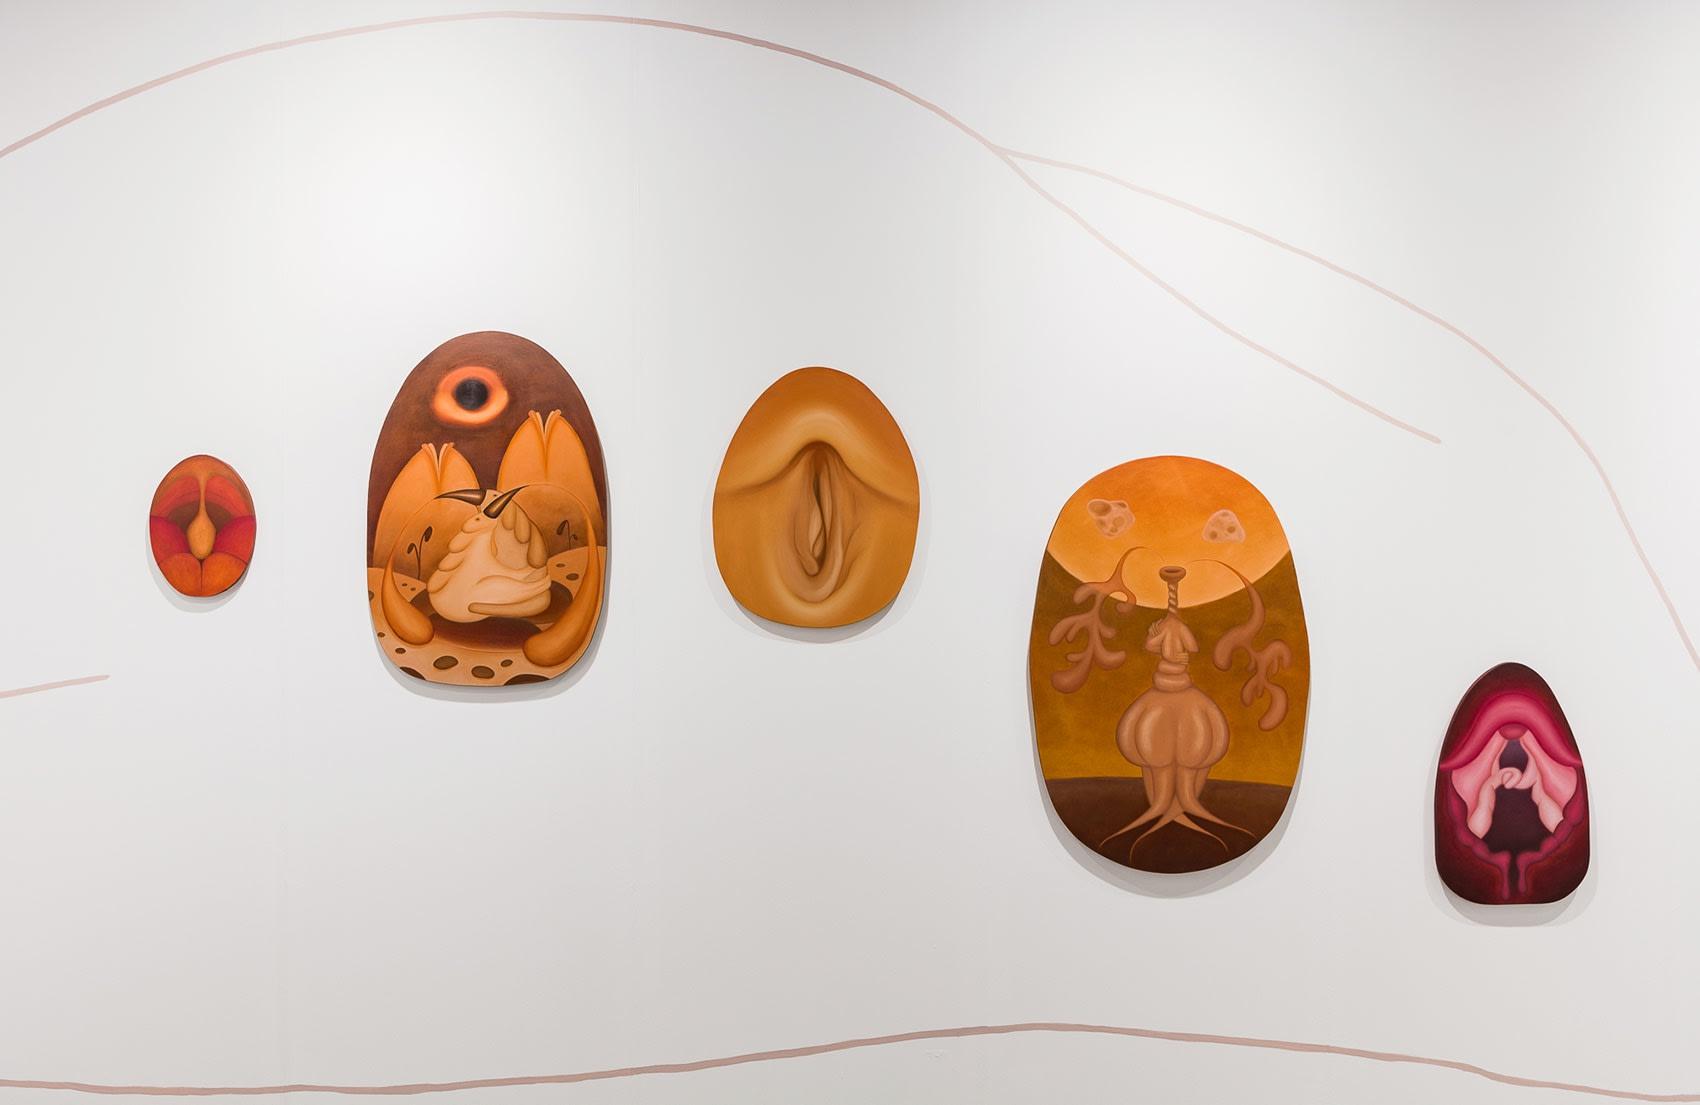 galerie sophia vonier and artist marianne vlaschits at vienna contemporary 2020